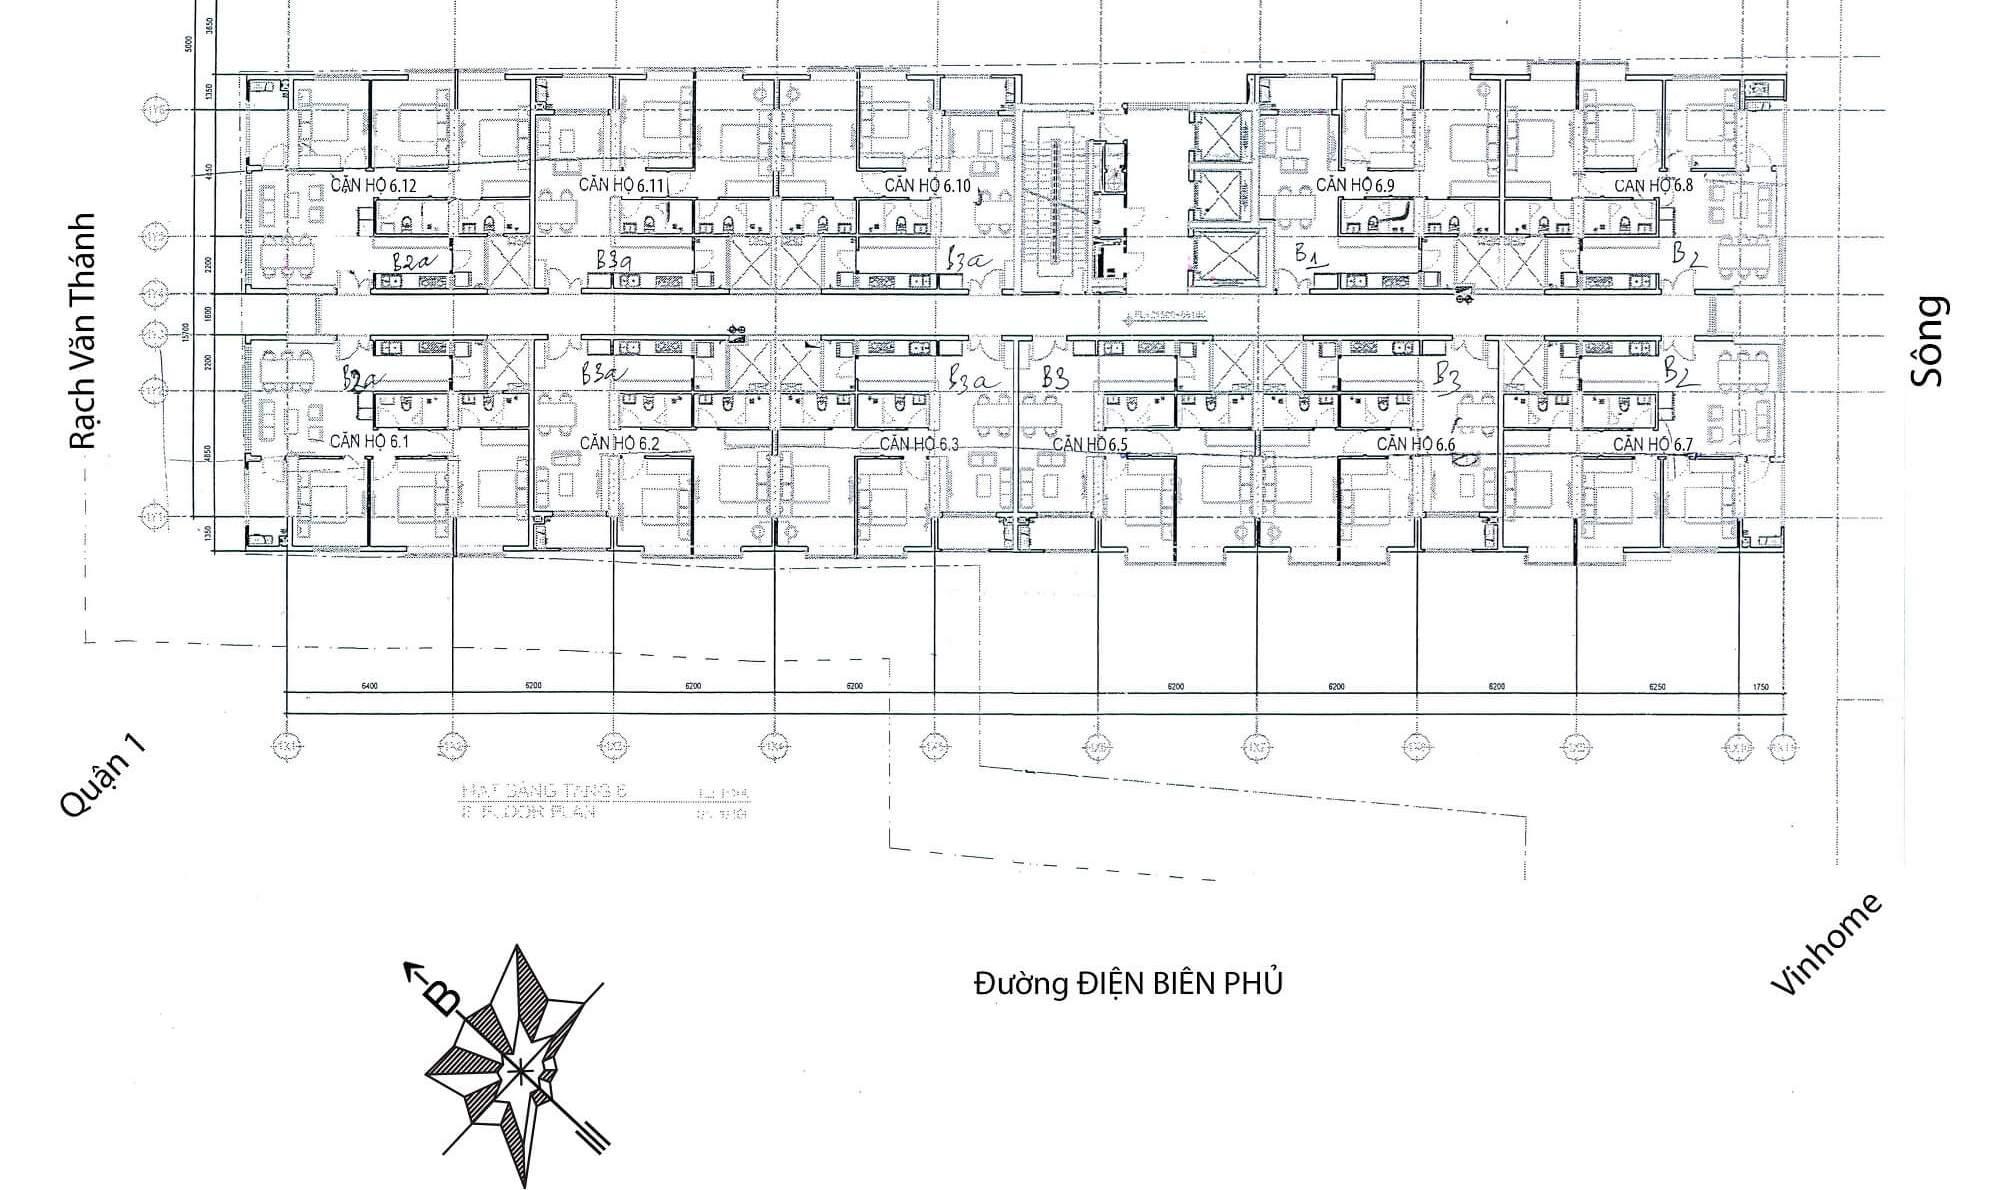 Bản đồ dự án cao ốc 152 điện biên phủ